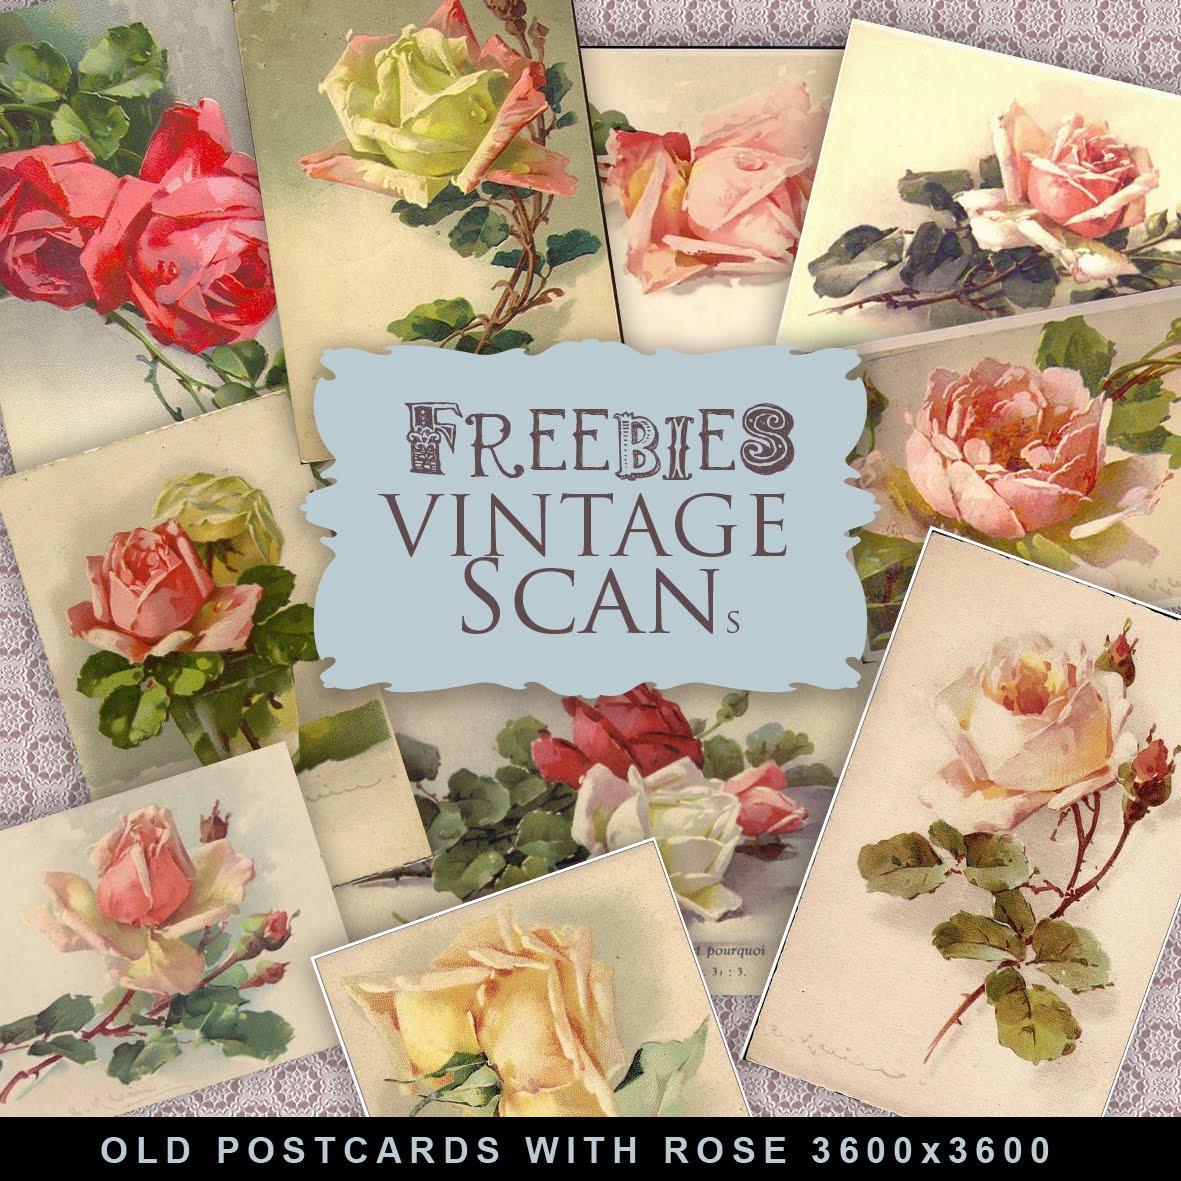 Vintage Postcards, Vintage Post Cards  Vintage Postcard Designs